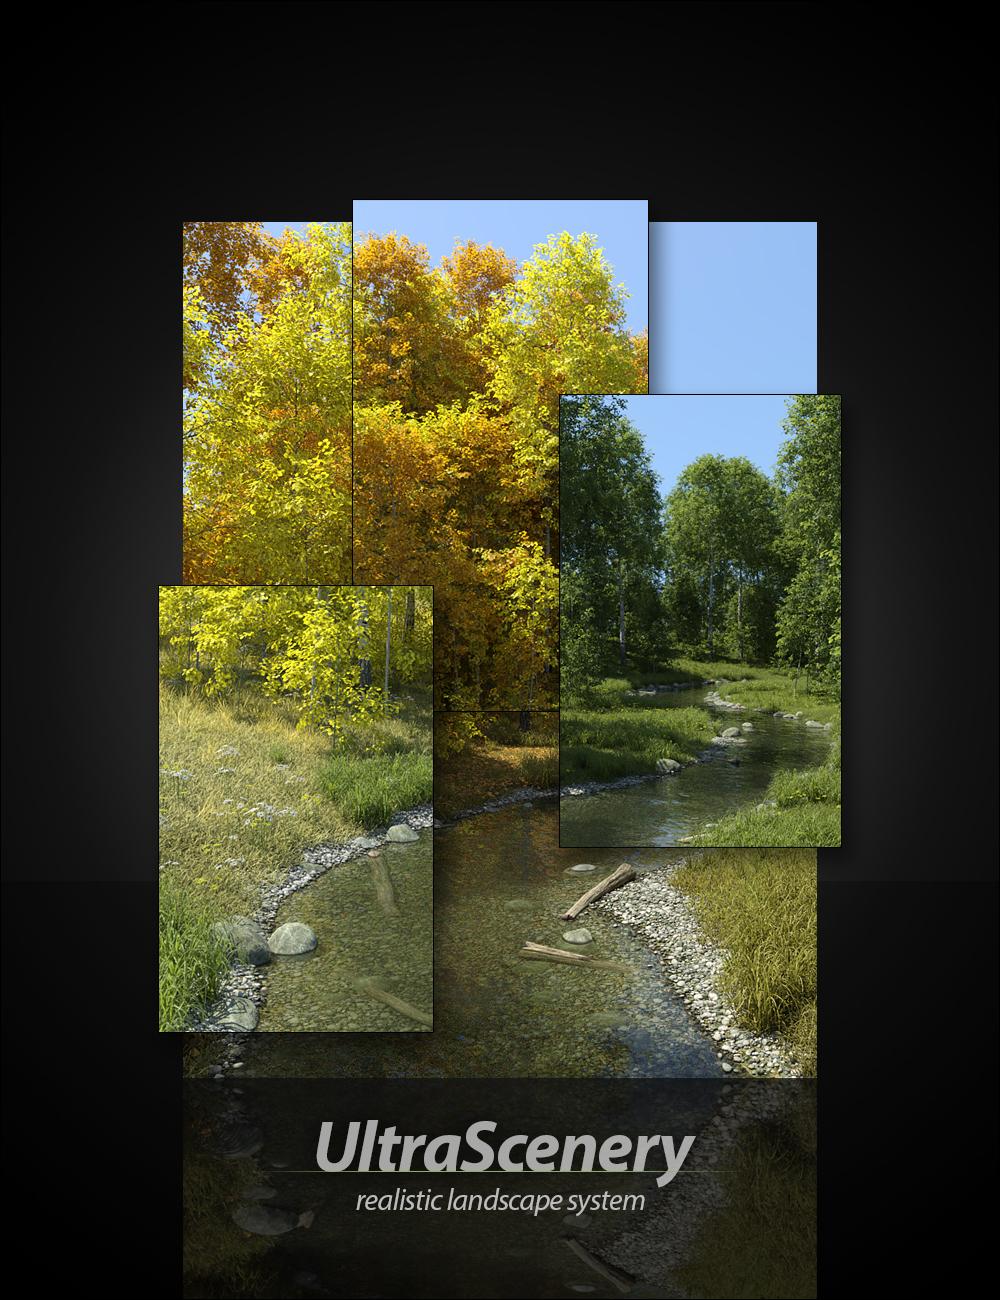 UltraScenery - Realistic Landscape System by: HowieFarkes, 3D Models by Daz 3D